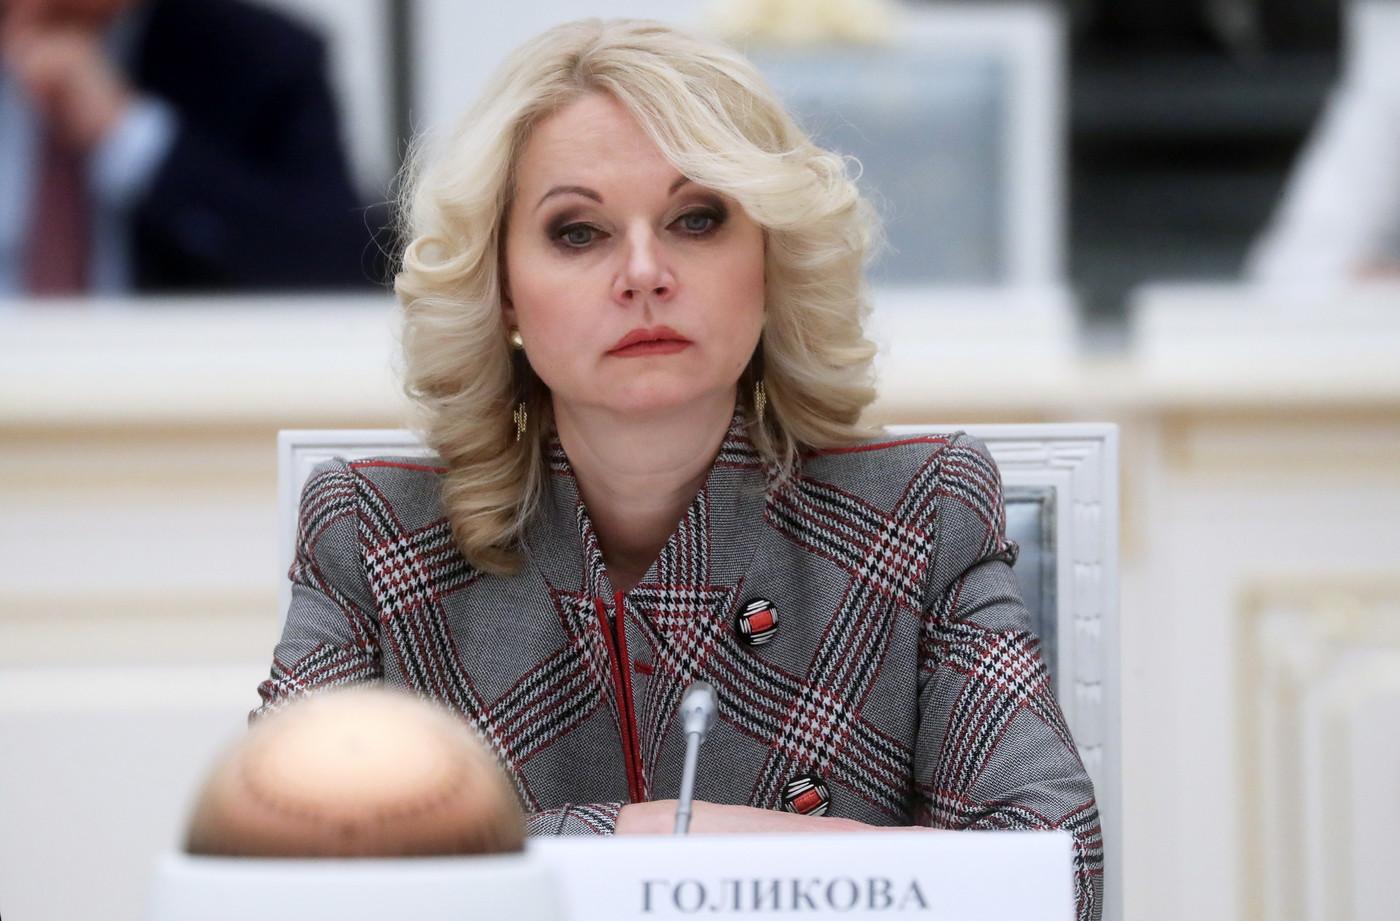 Почему это сенсационное заявление Голиковой не получило должной огласки в СМИ?